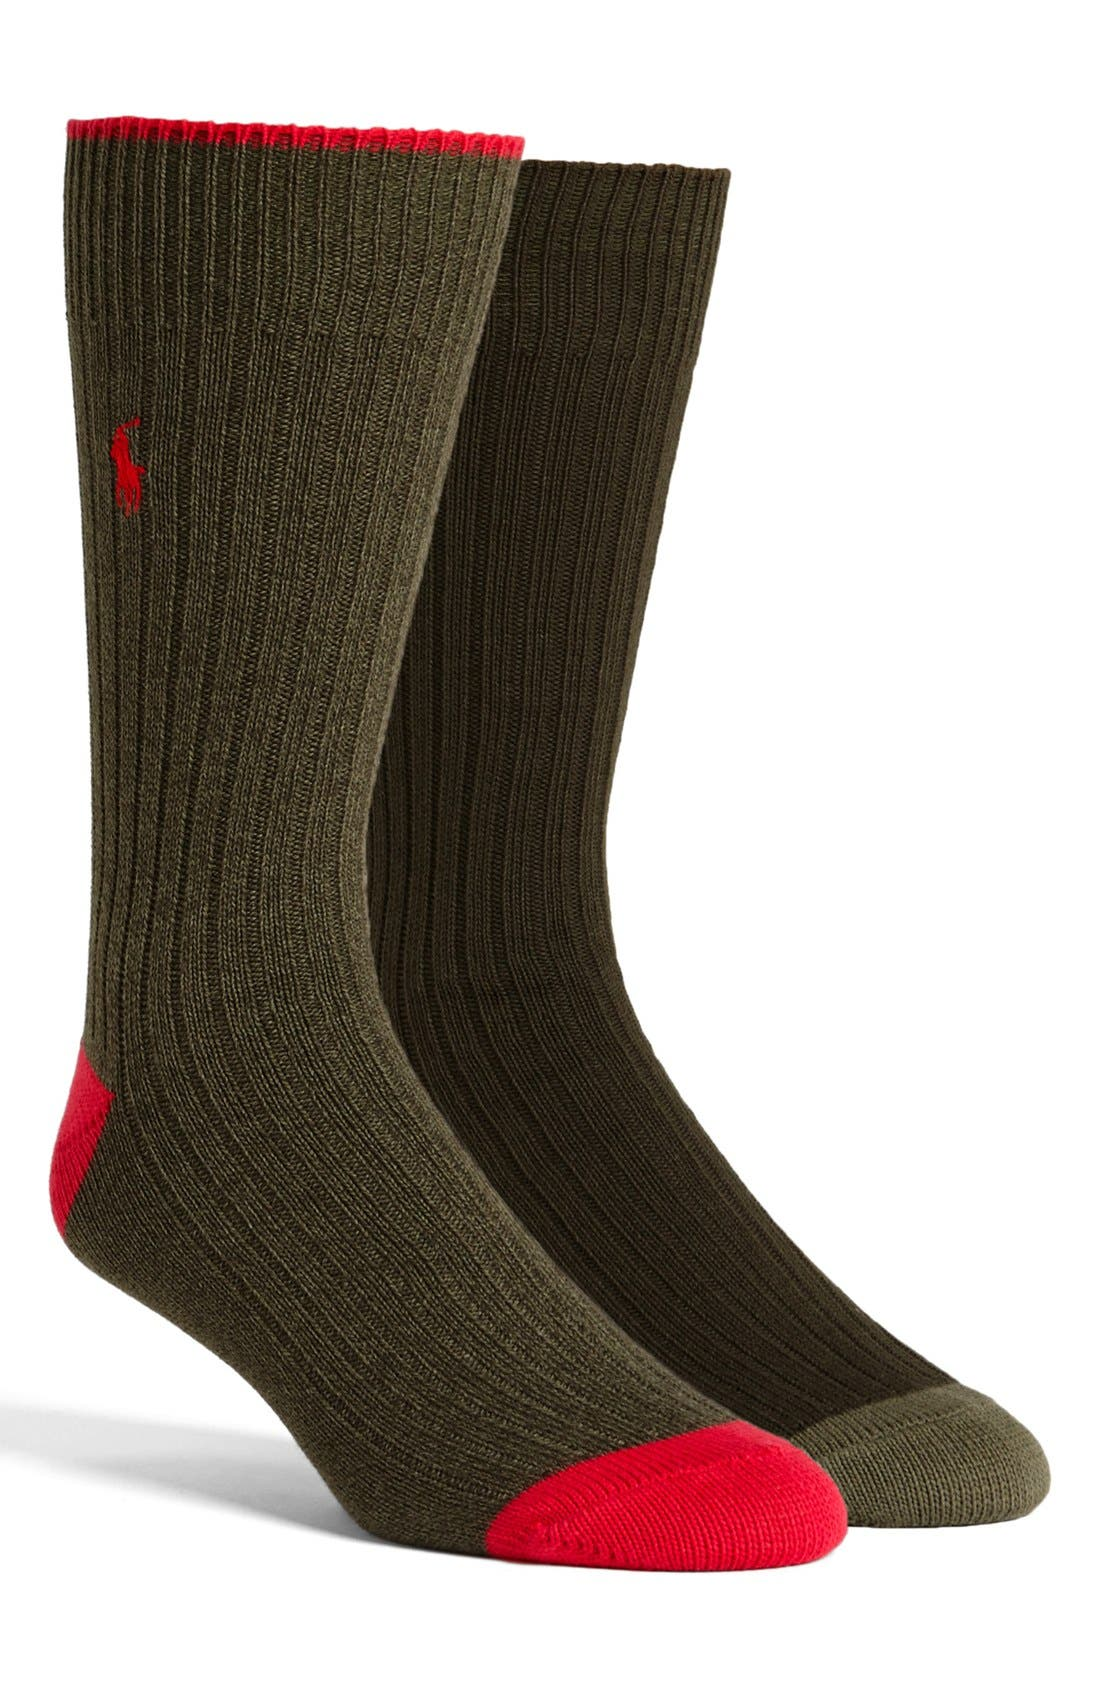 Alternate Image 1 Selected - Polo Ralph Lauren Ribbed Socks